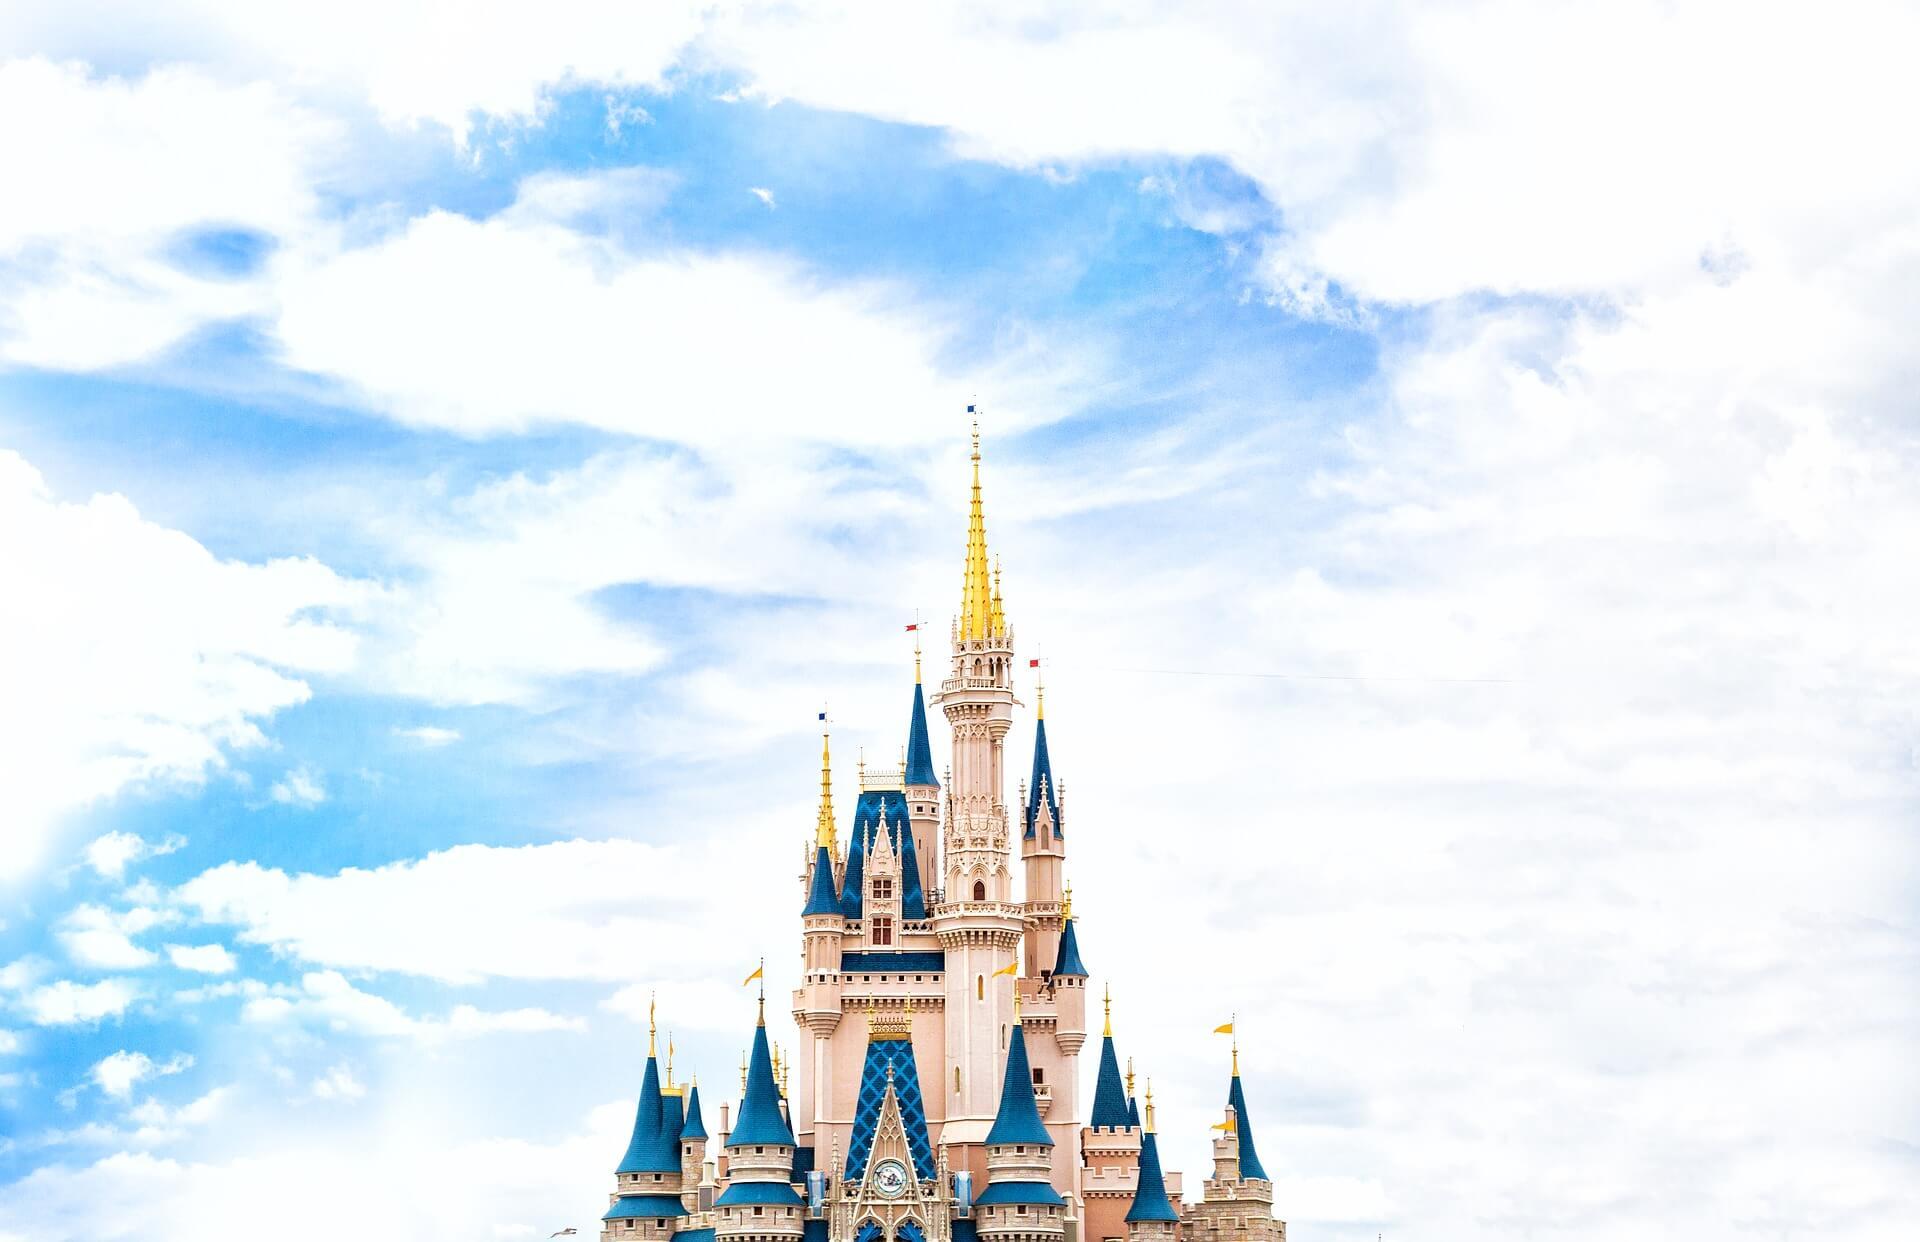 Worlds-10-Most-Instagrammed-Travel-Destinations-Disney-World